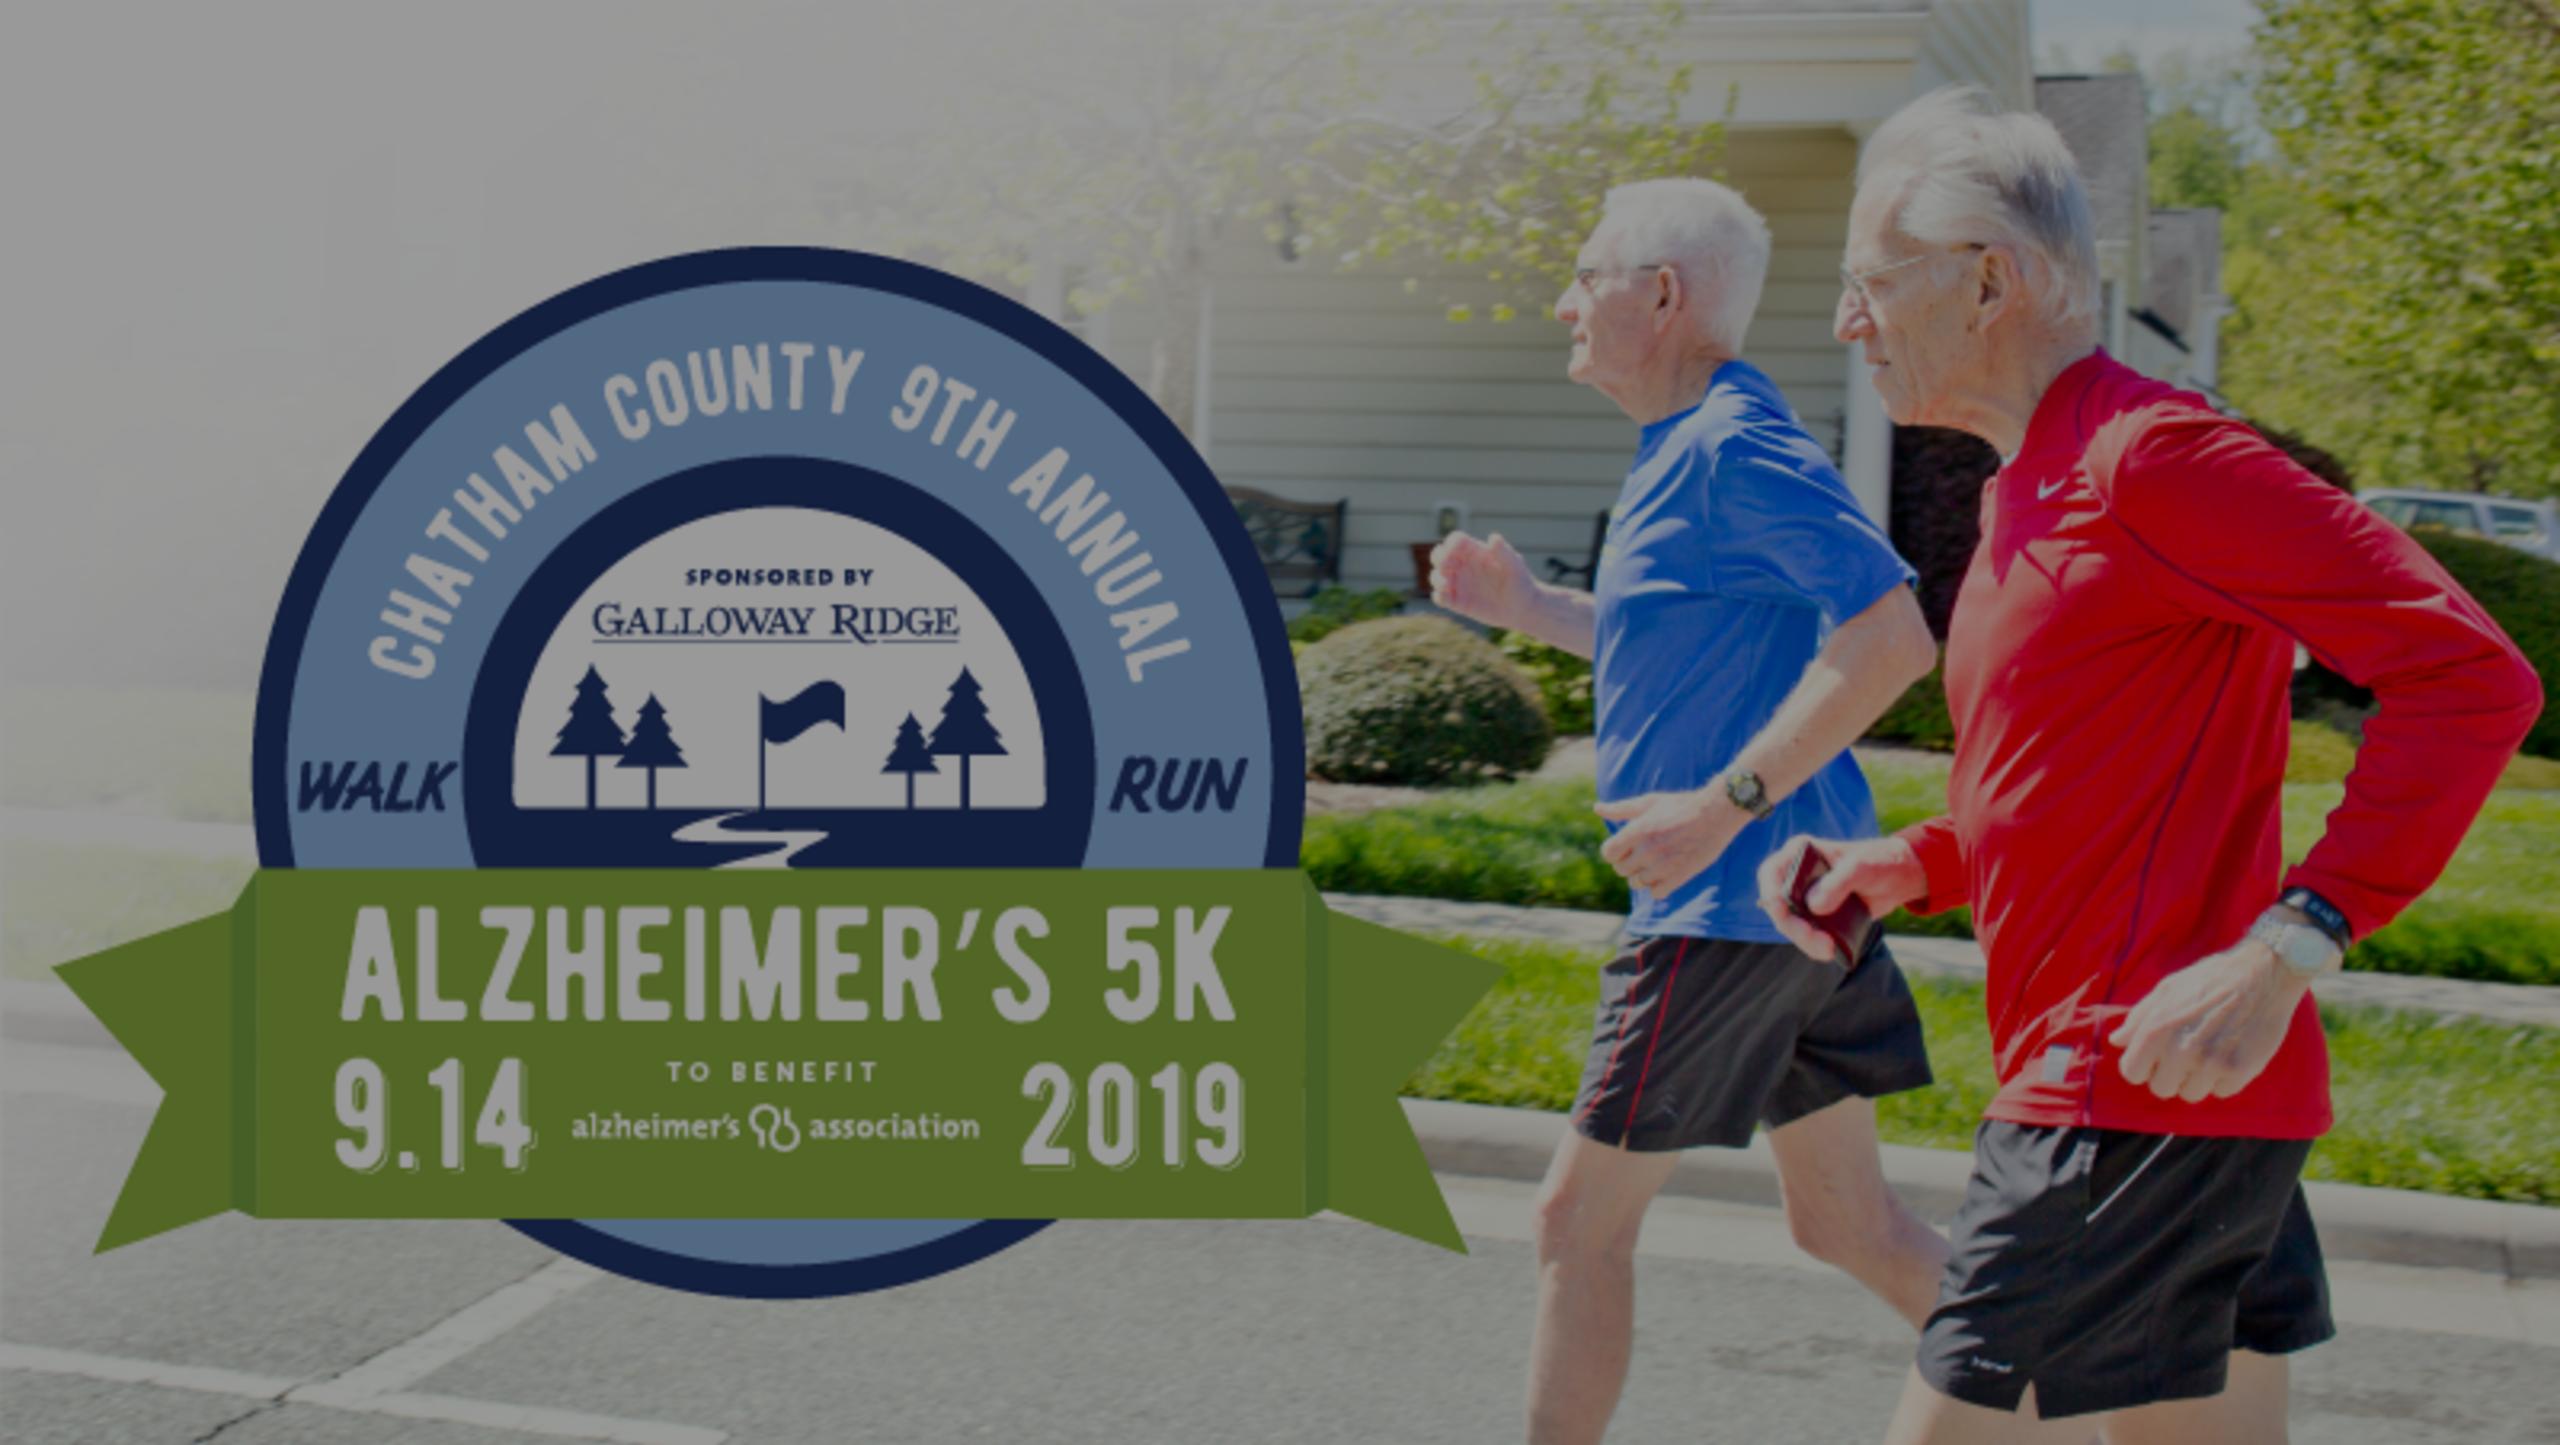 Chatham County 9th Annual Alzheimer's Walk & 5K Run